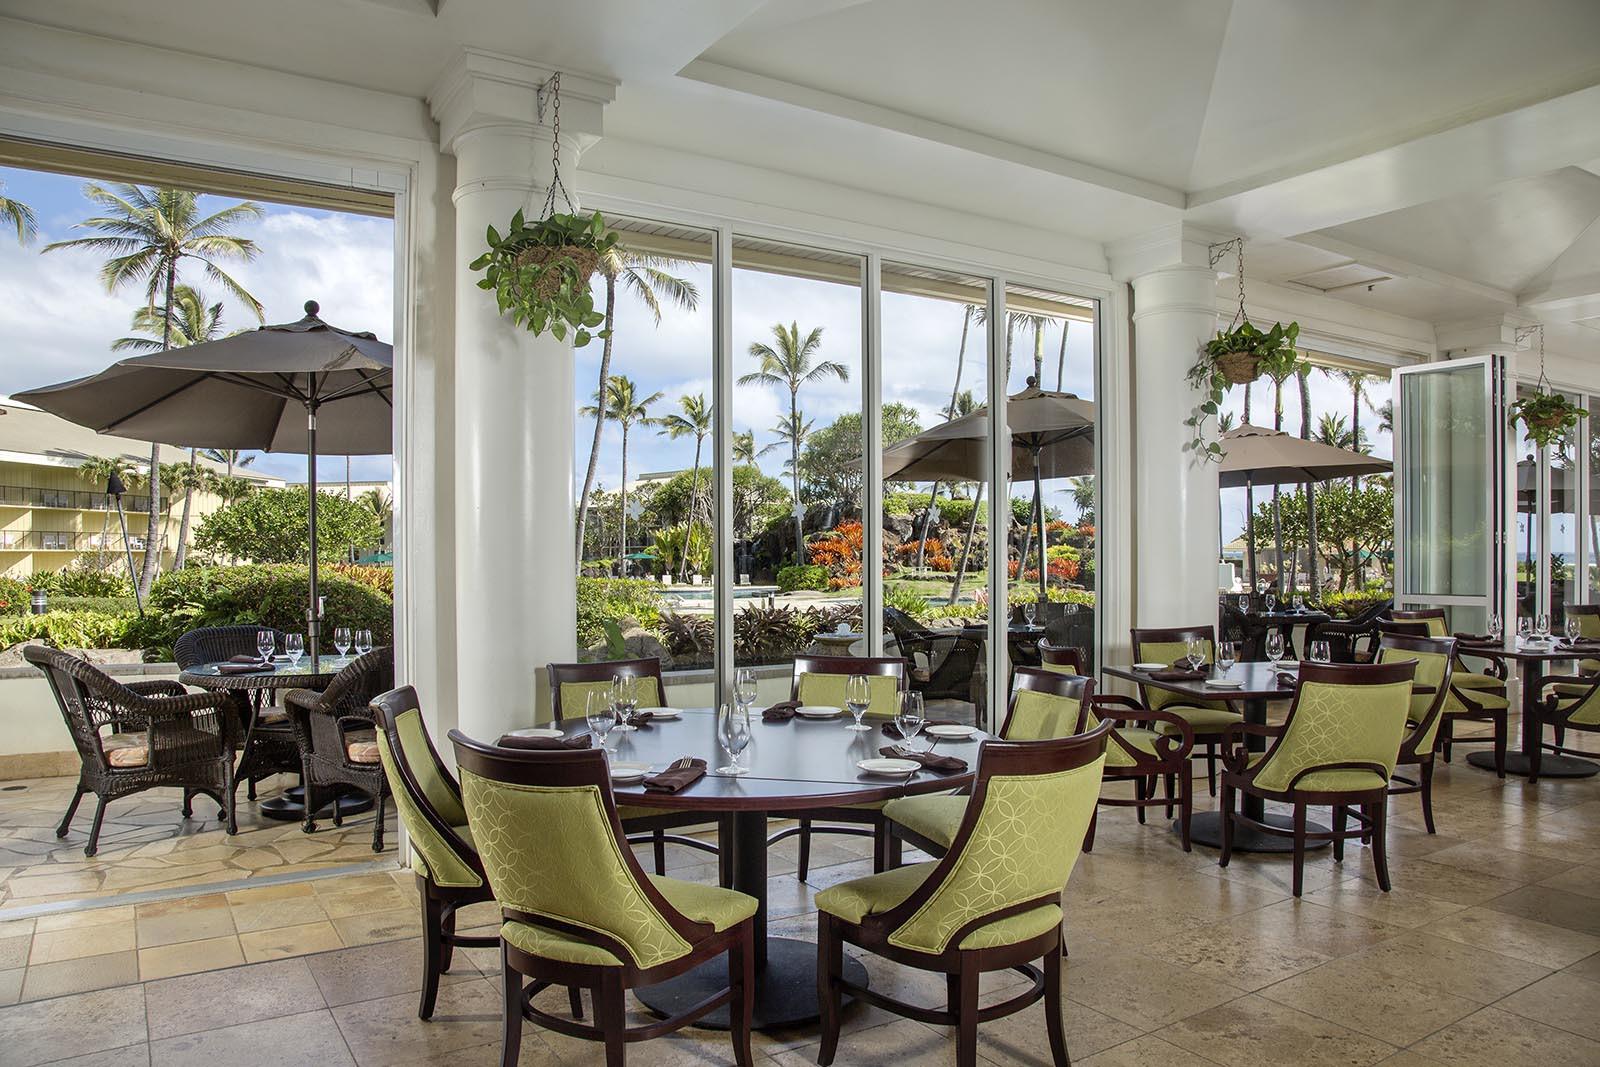 Courtesy of Kauai Beach Villas / Expedia.com